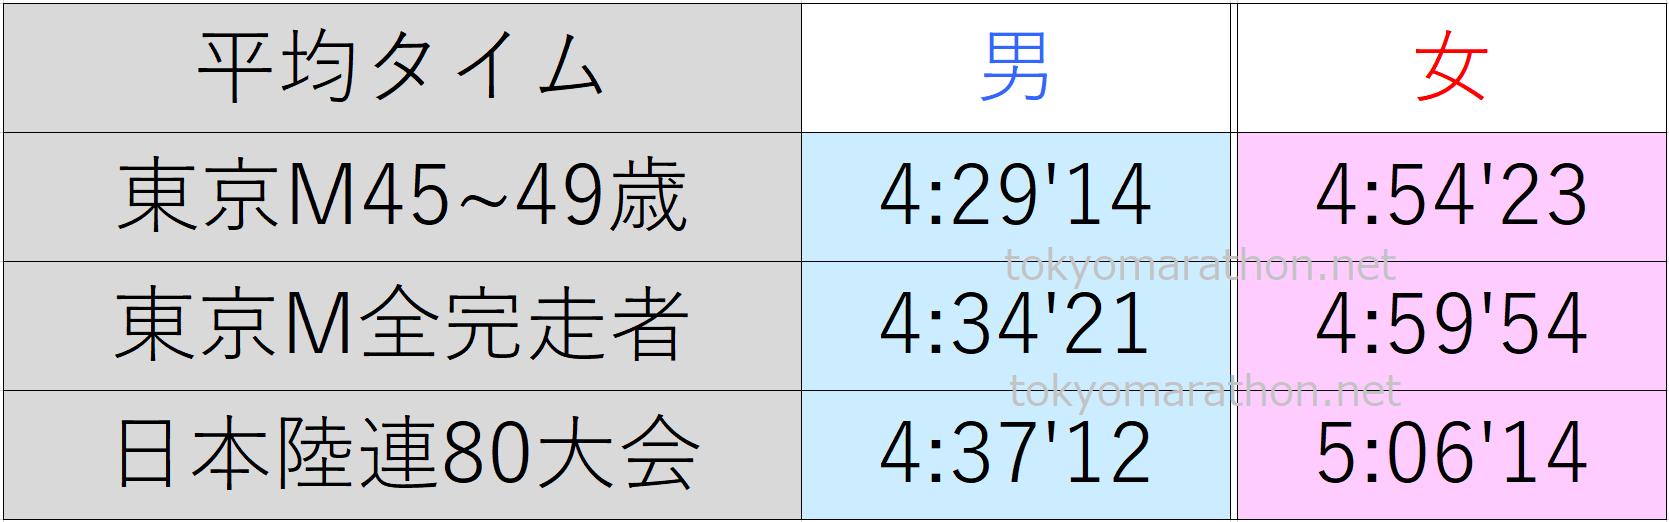 東京マラソン45~49歳の平均タイム、東京マラソン全ランナーの平均タイム、日本陸連公認の80大会の平均タイム一覧表。すべて男女別にまとめた画像です。